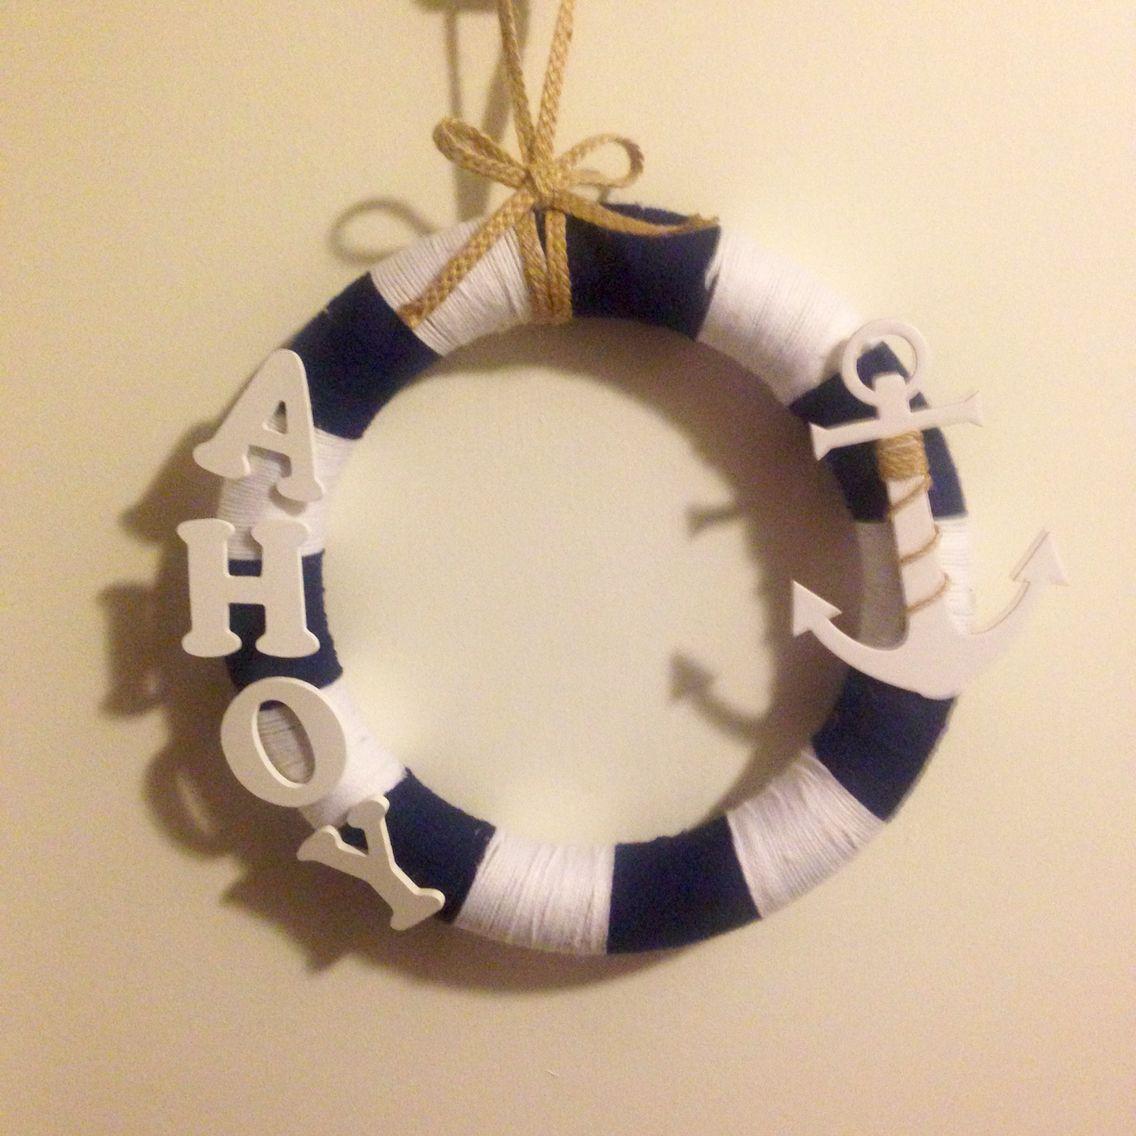 Nautical Wreath for Bathroom!